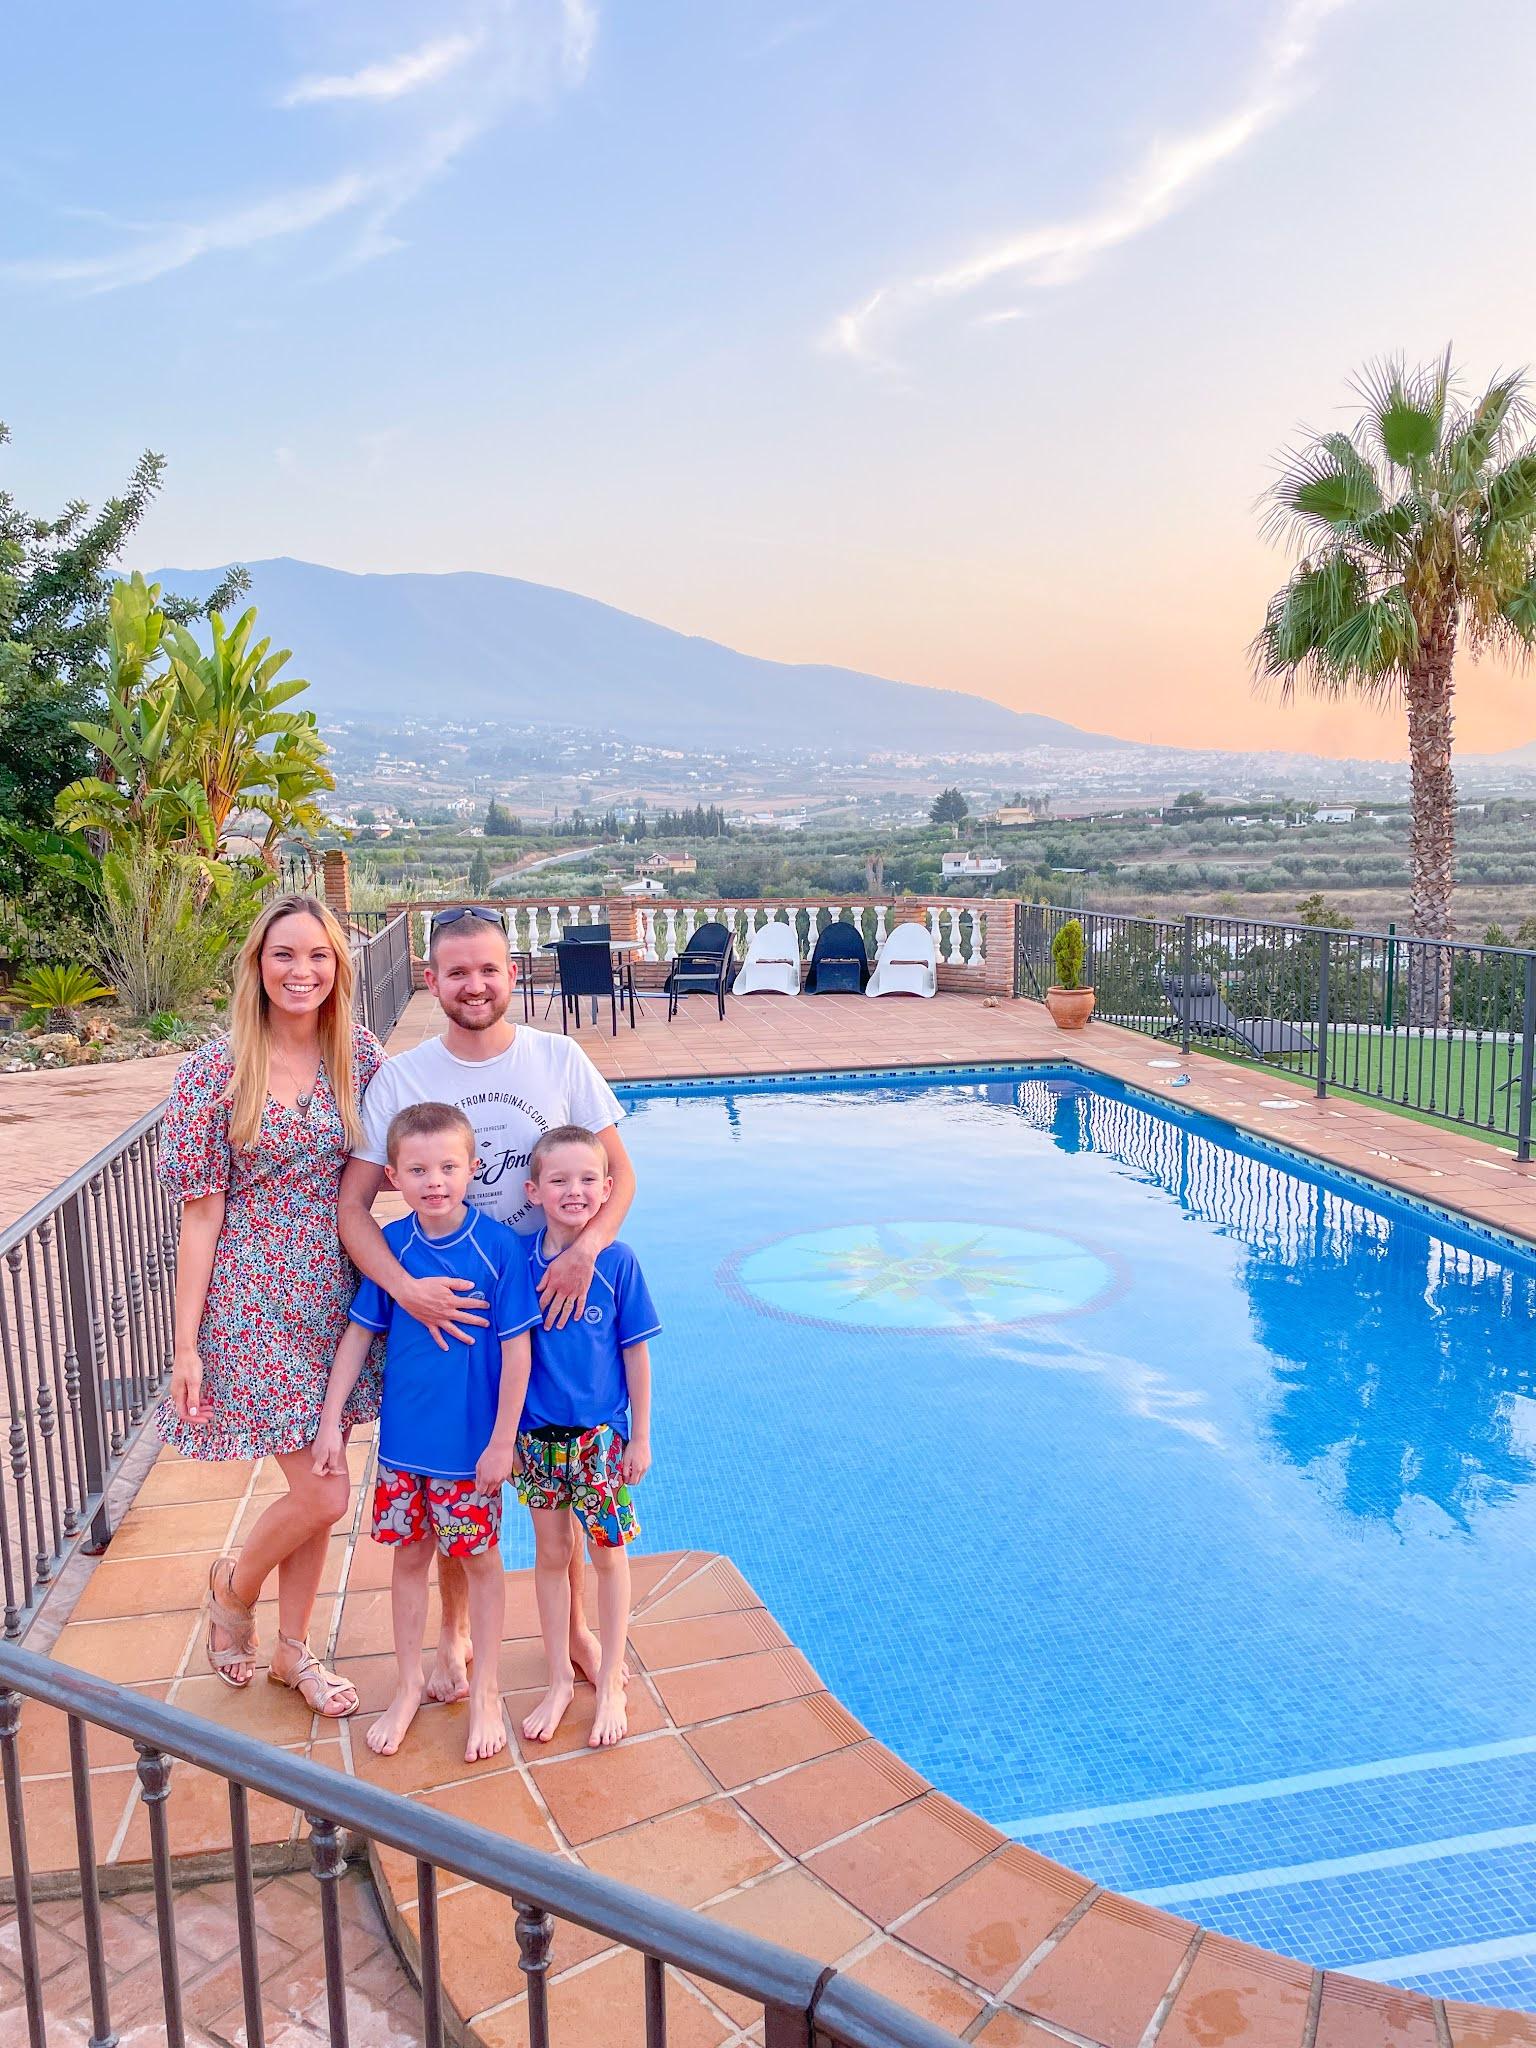 alhaurin el grande villa, spain holiday vegetarian, alhaurin el grande, spanish villa holiday, costa del sol with kids, marbella with kids, mijas pueblo with kids,